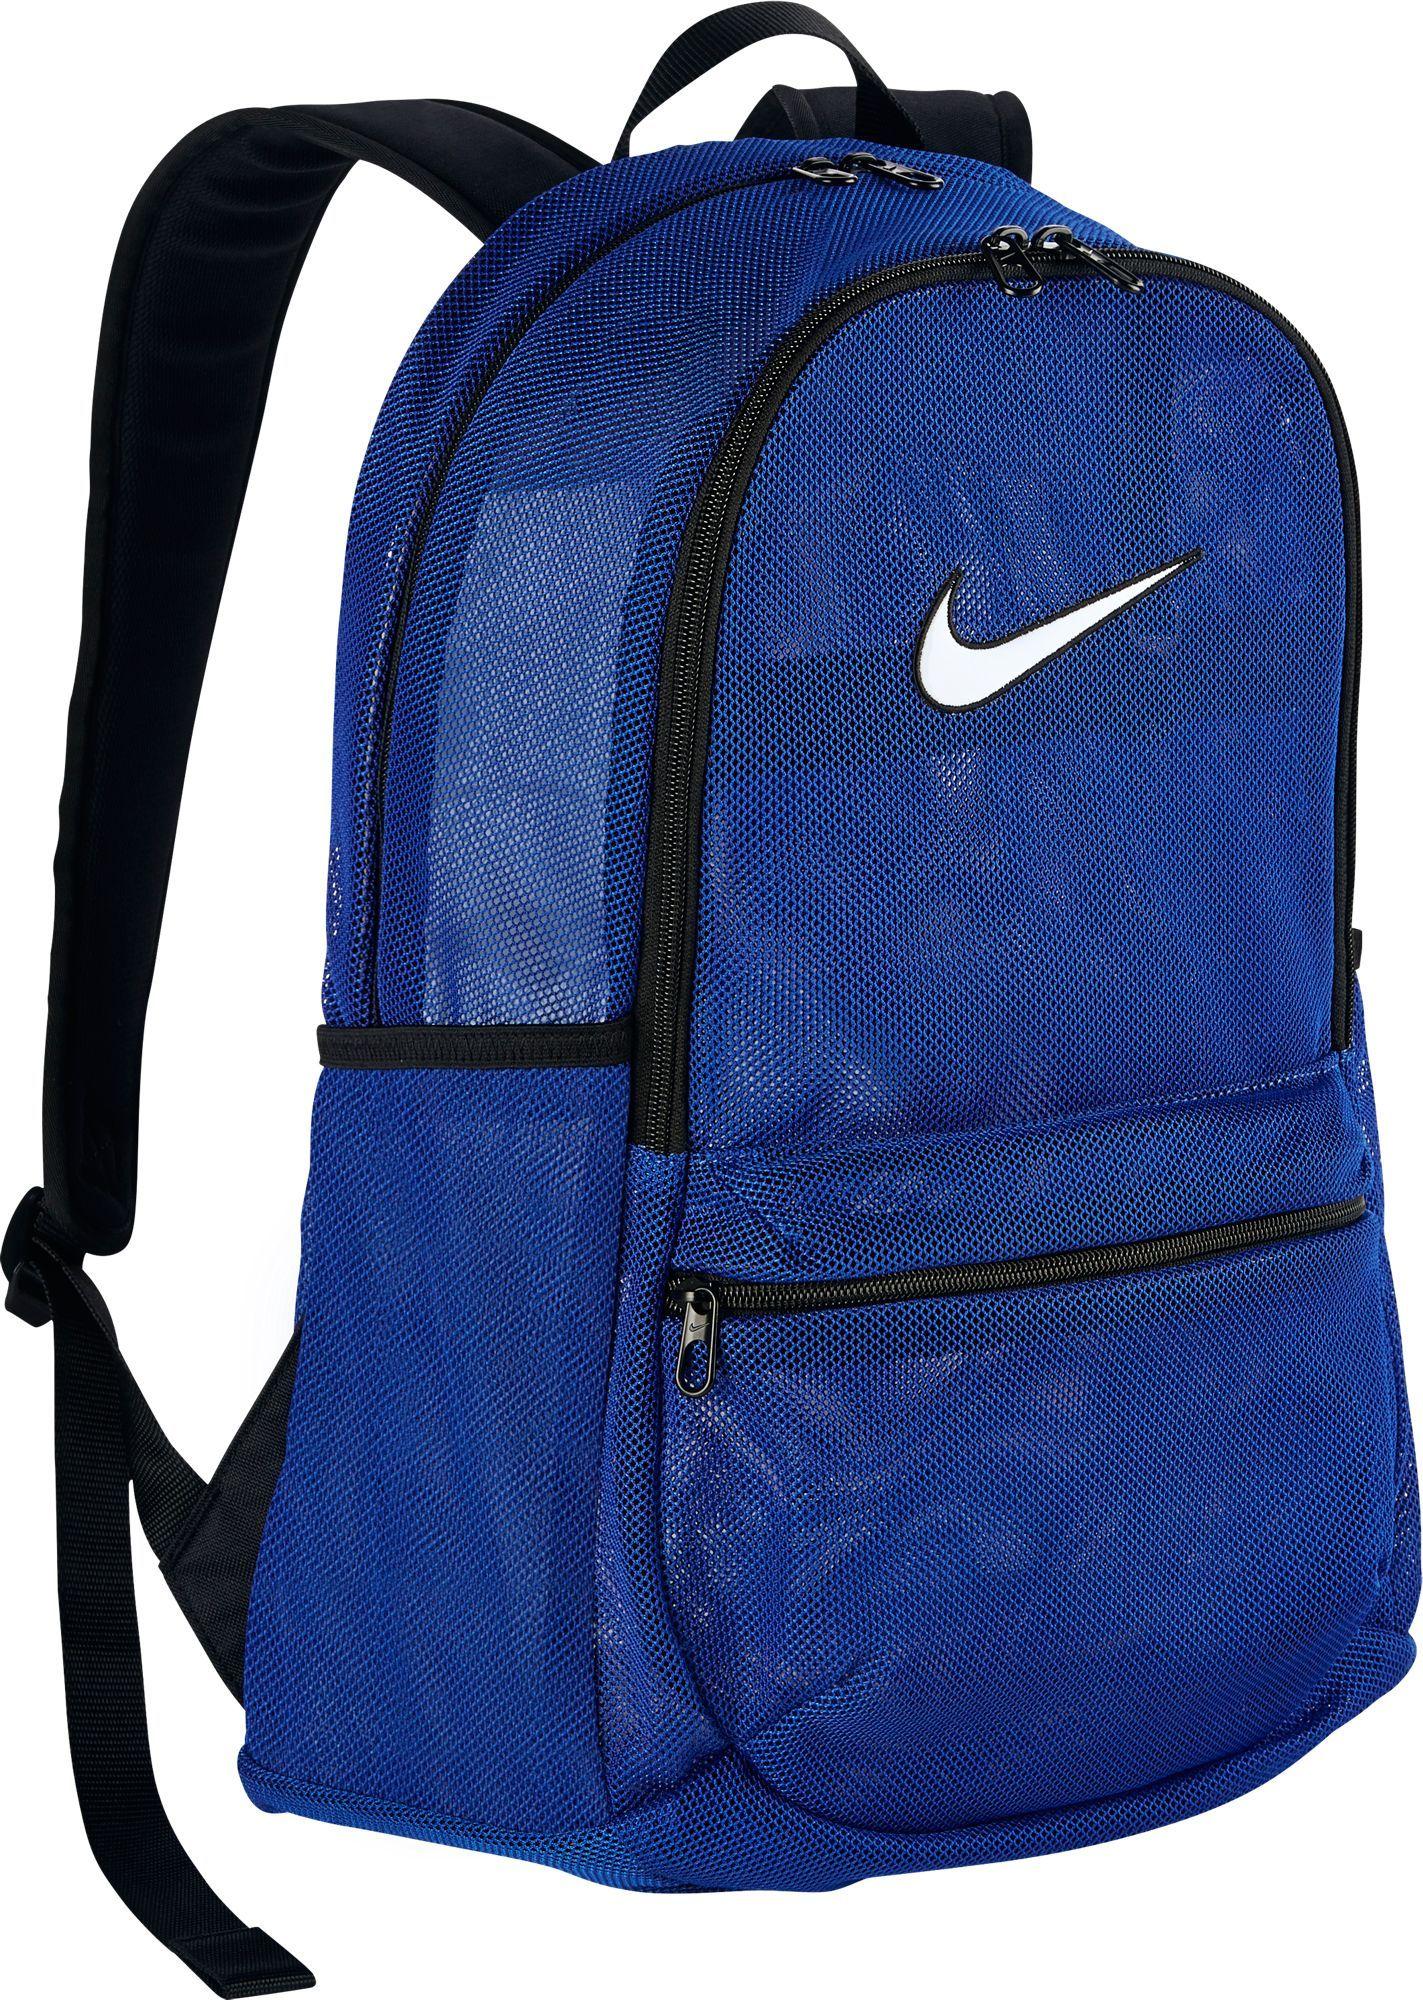 mejor selección de forma elegante vanguardia de los tiempos Nike Brasilia Mesh Backpack | Mesh backpack, Blue backpack, White backpack